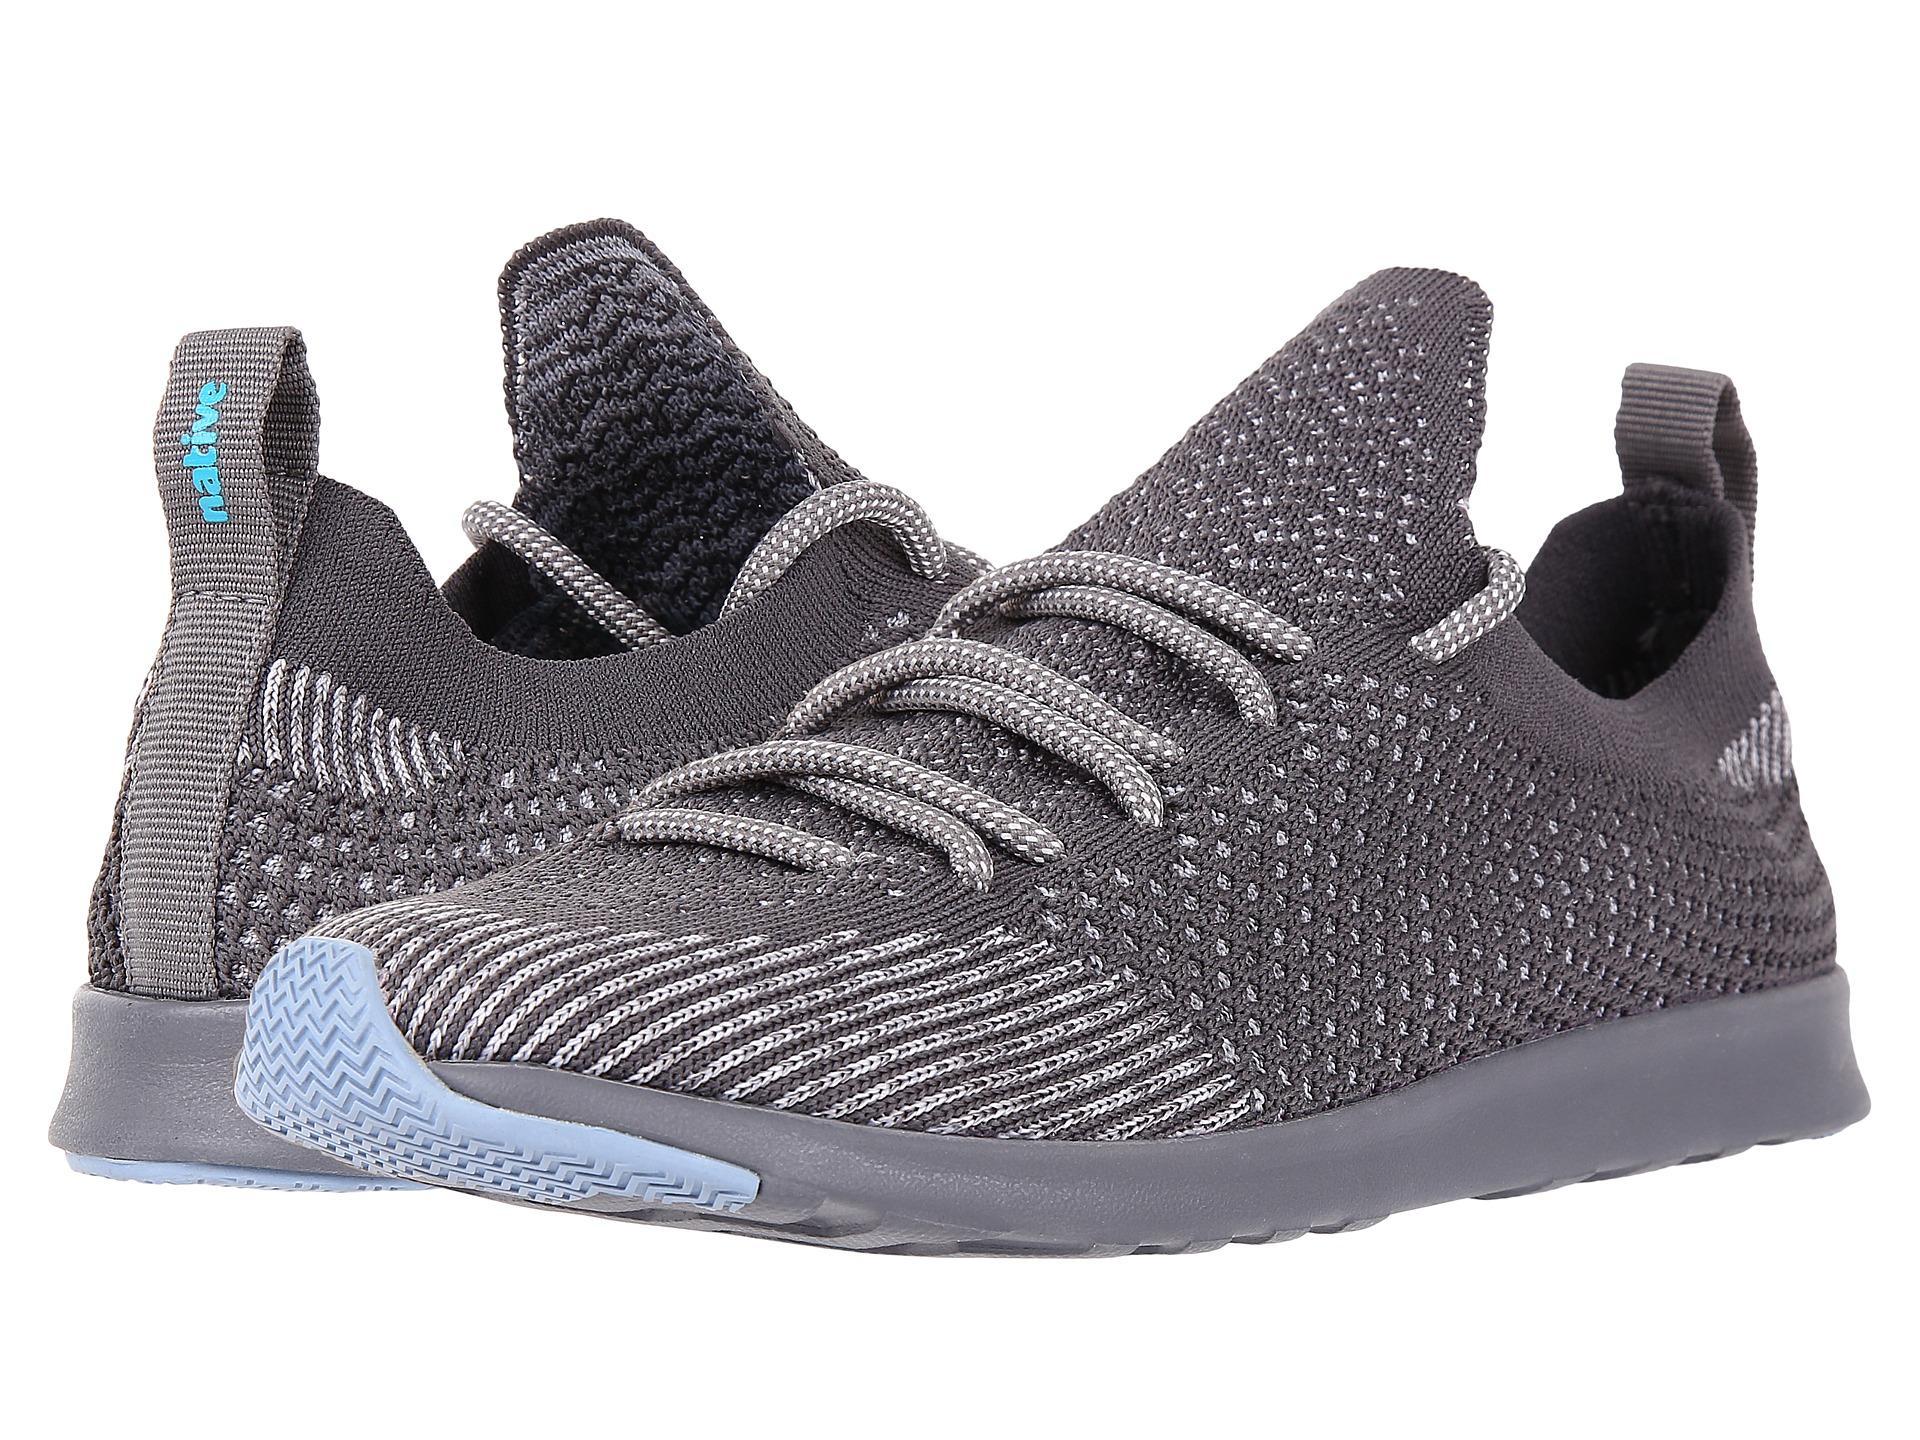 252573288aa1e5 Lyst - Native Shoes Ap Mercury Liteknit in Gray for Men